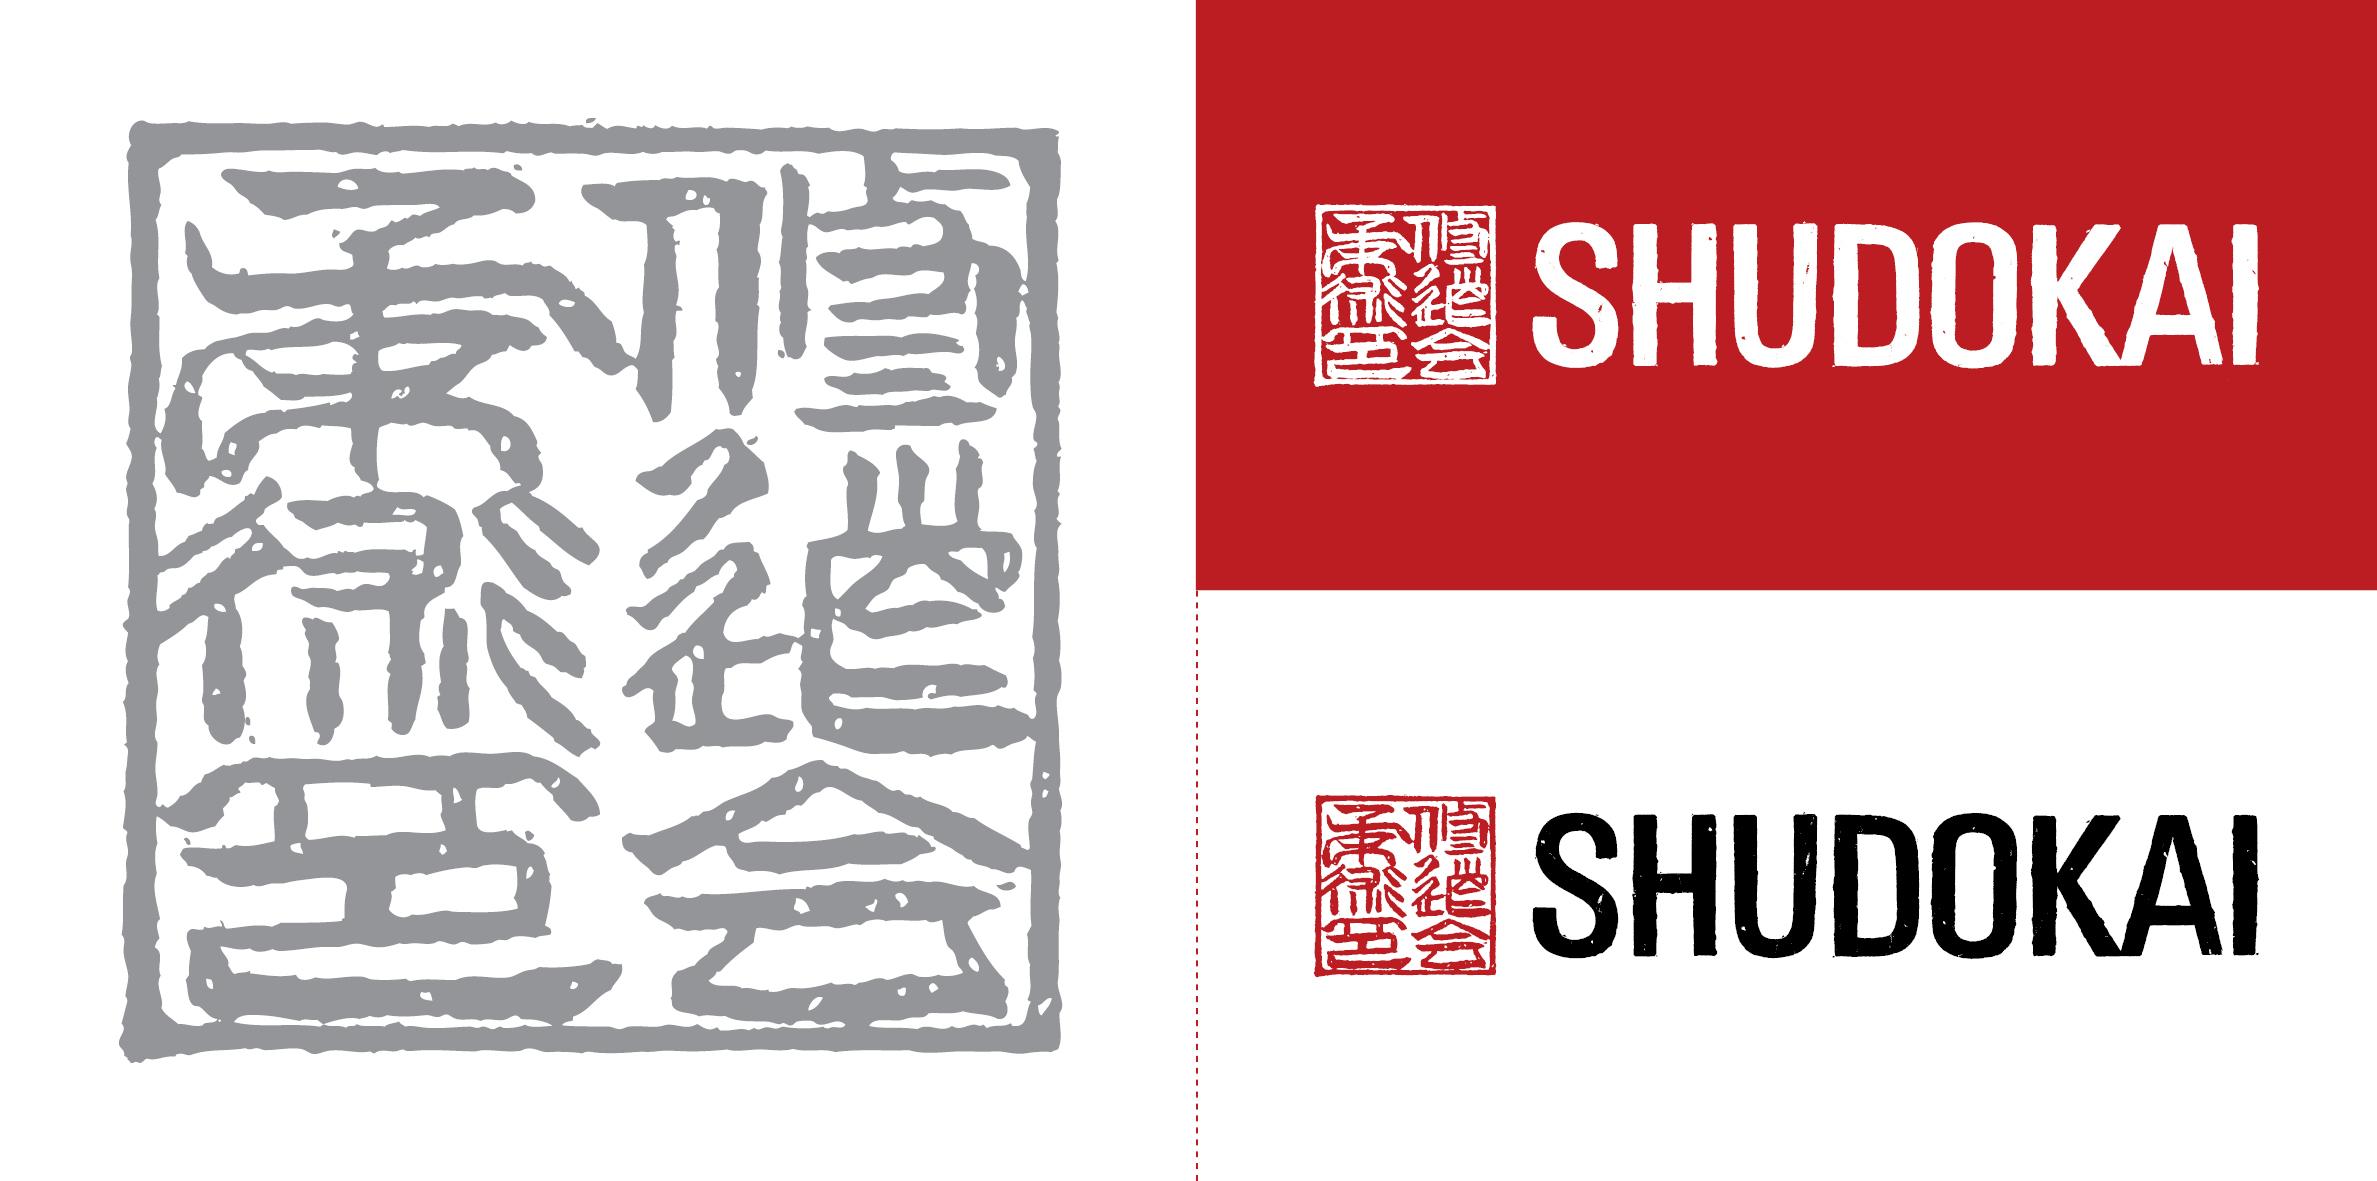 Logo - Shudokai.jpg